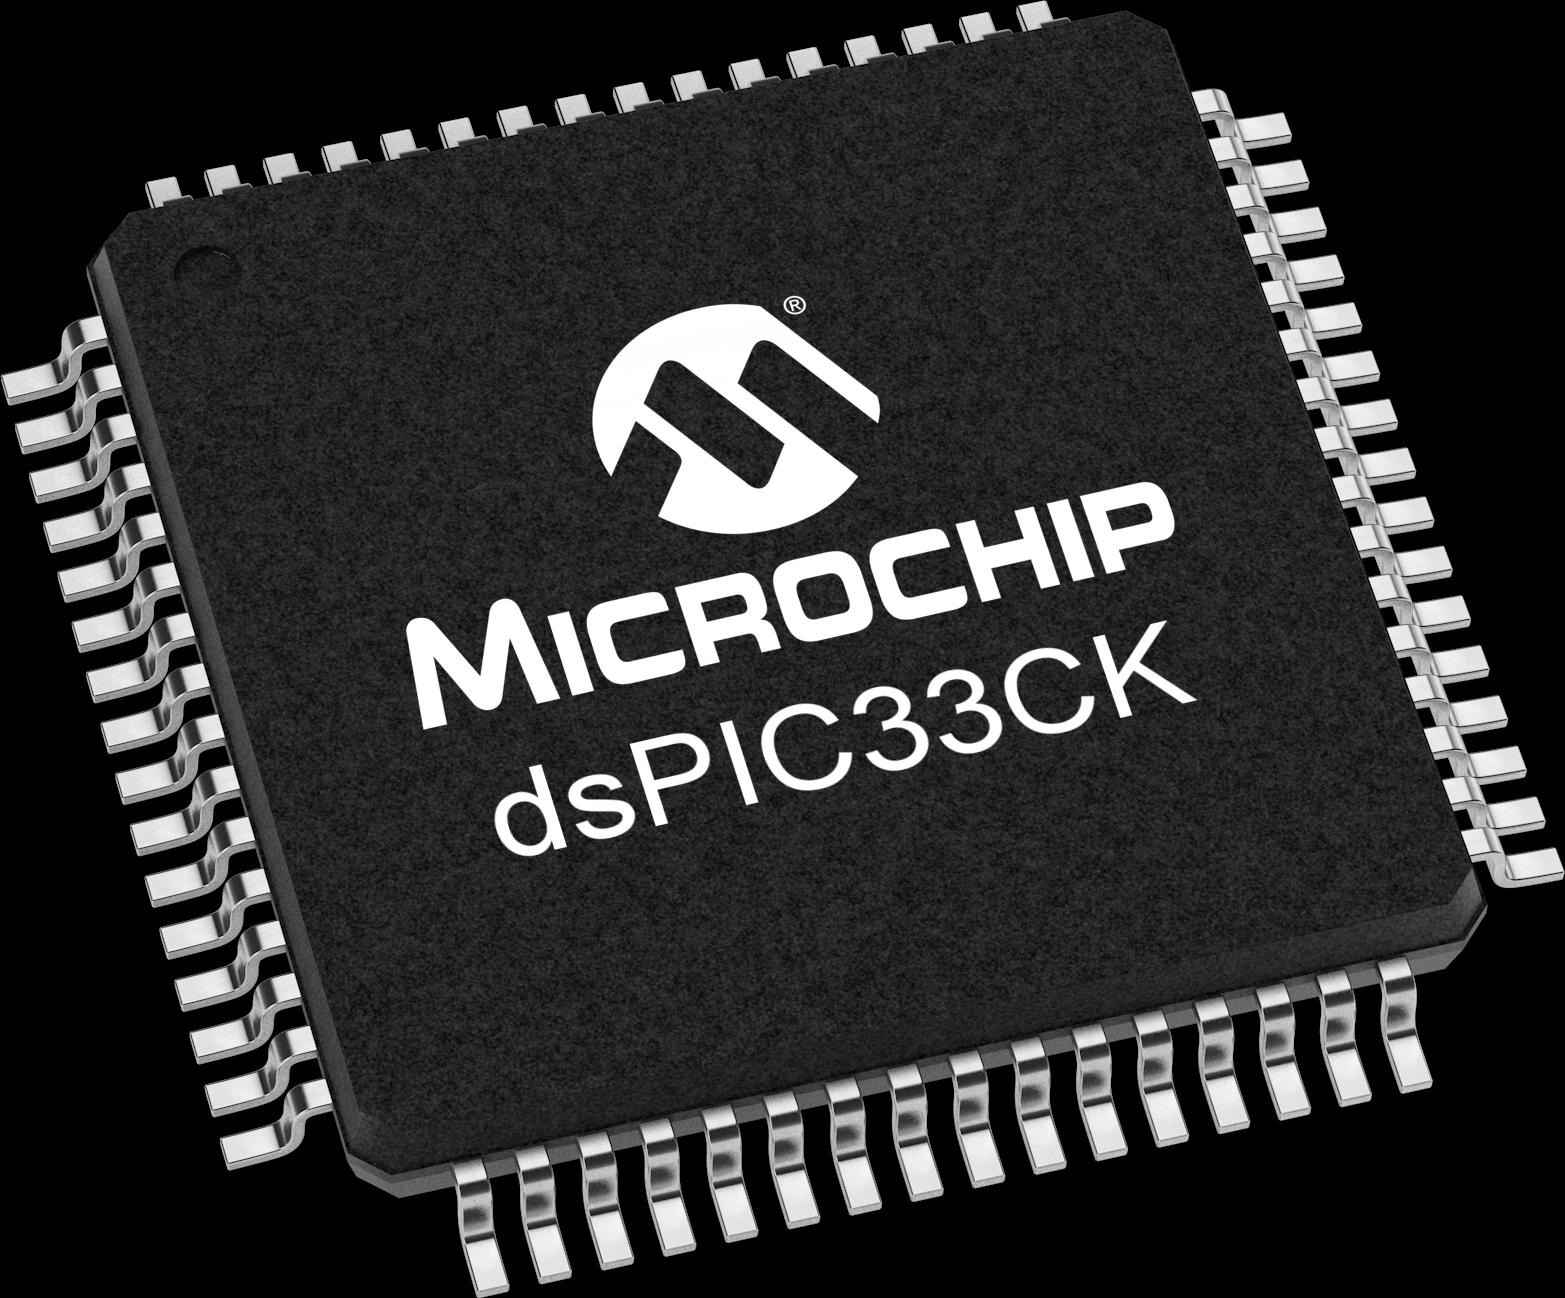 ic-tqfp-64pin-dspic33ck